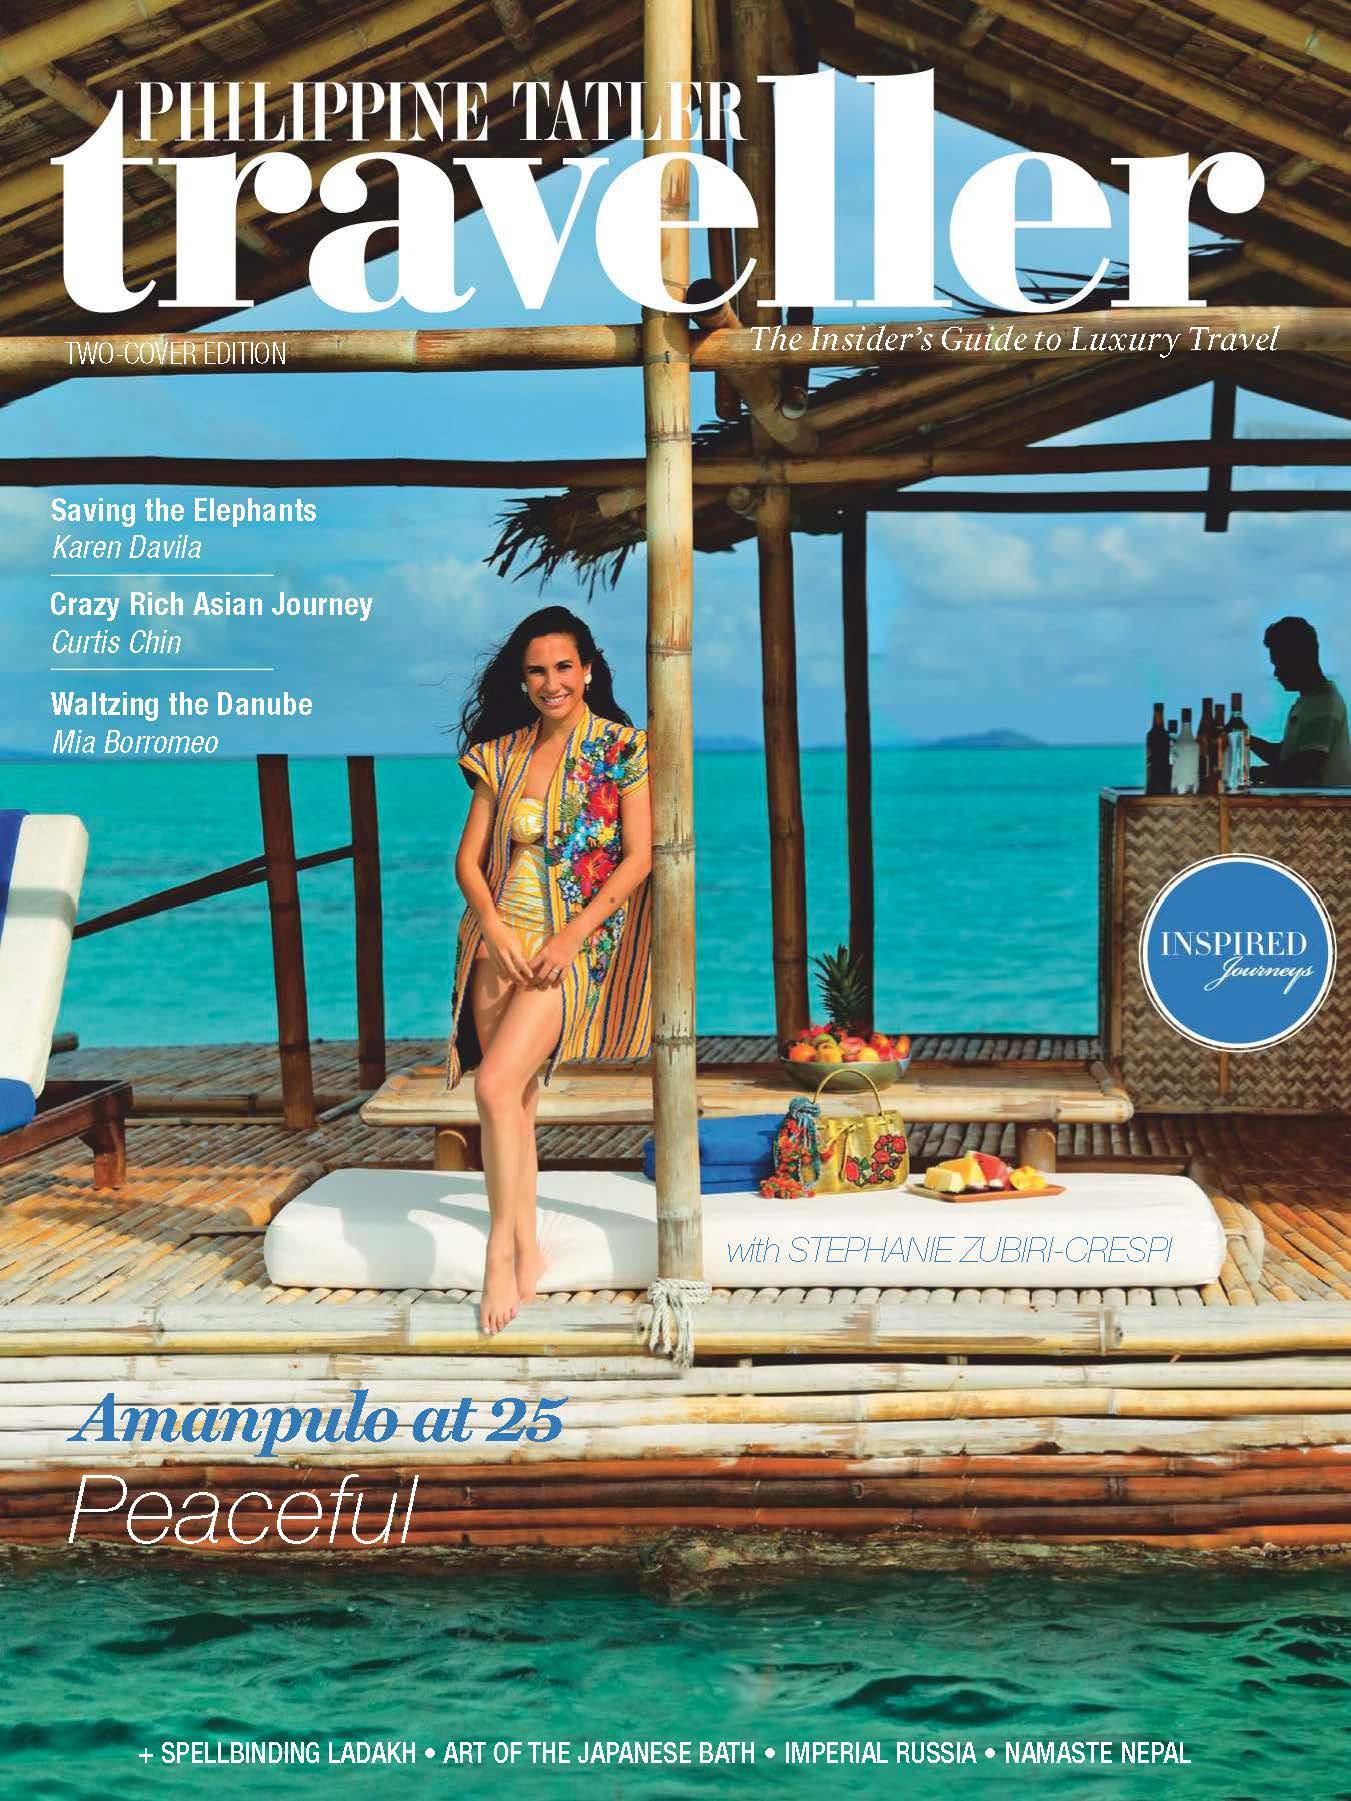 2018.12 Philippine Tatler Traveller COVER